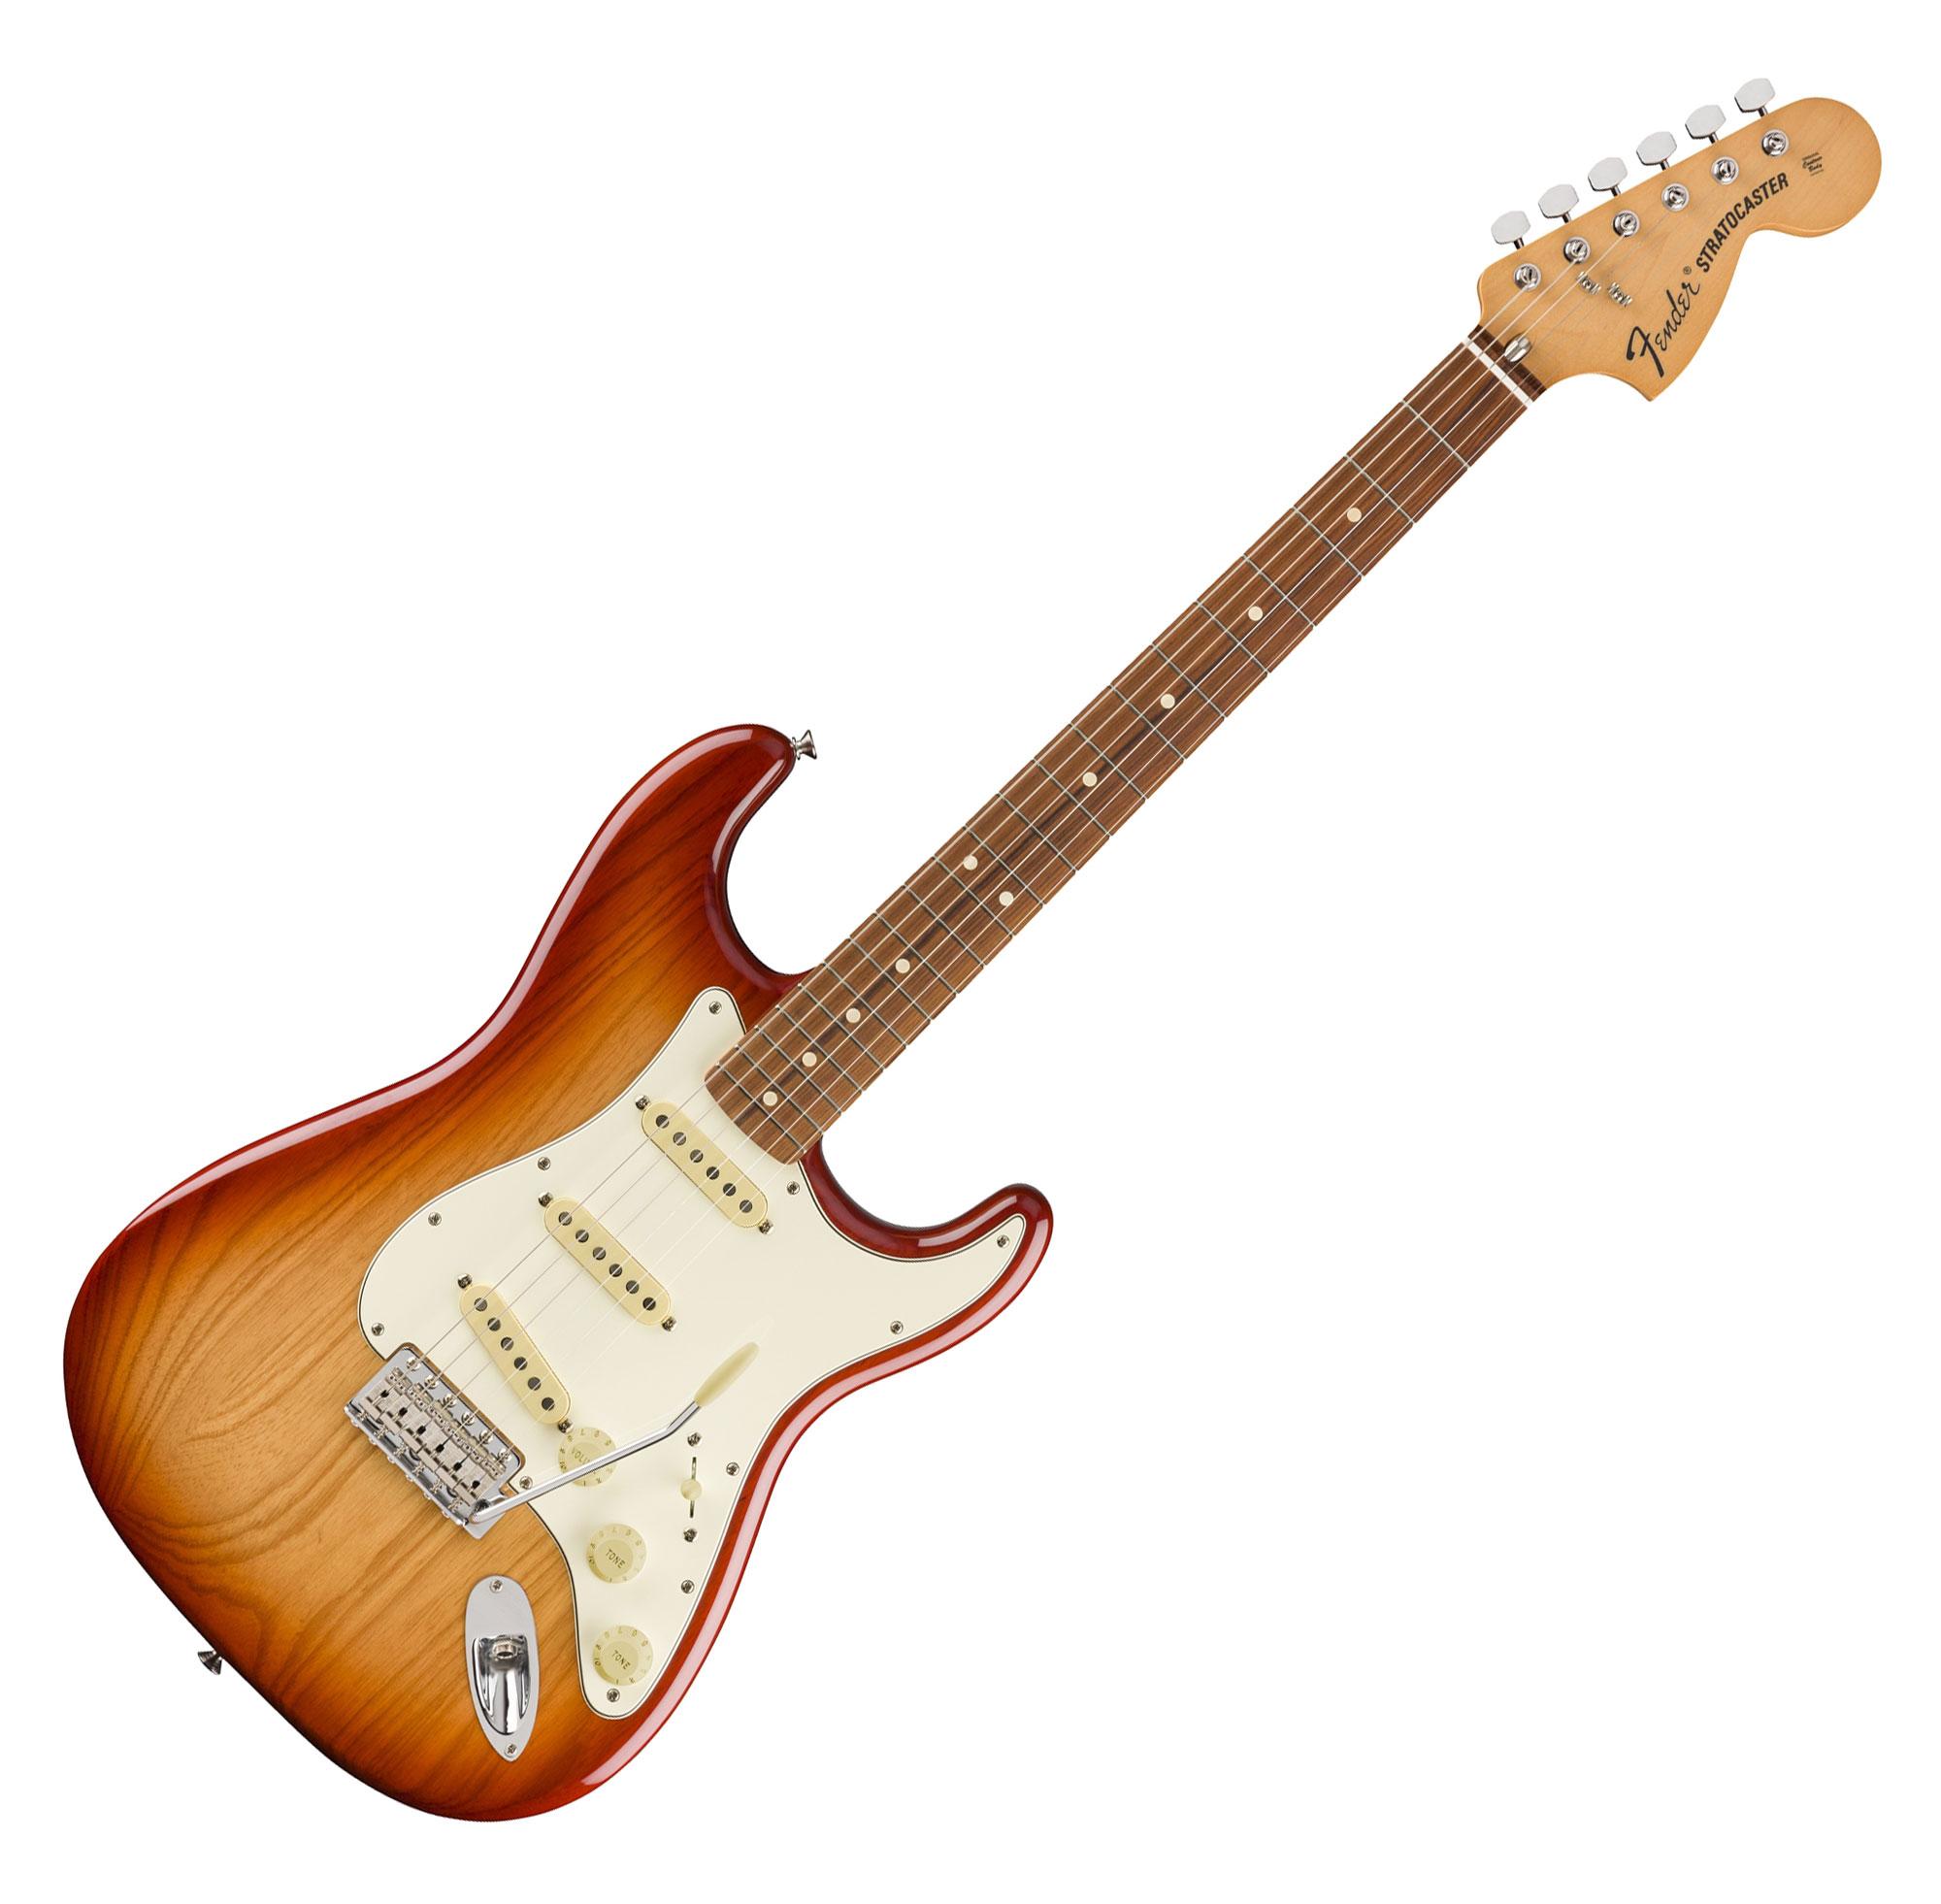 Egitarren - Fender Vintera '70s Strat PF SSB - Onlineshop Musikhaus Kirstein